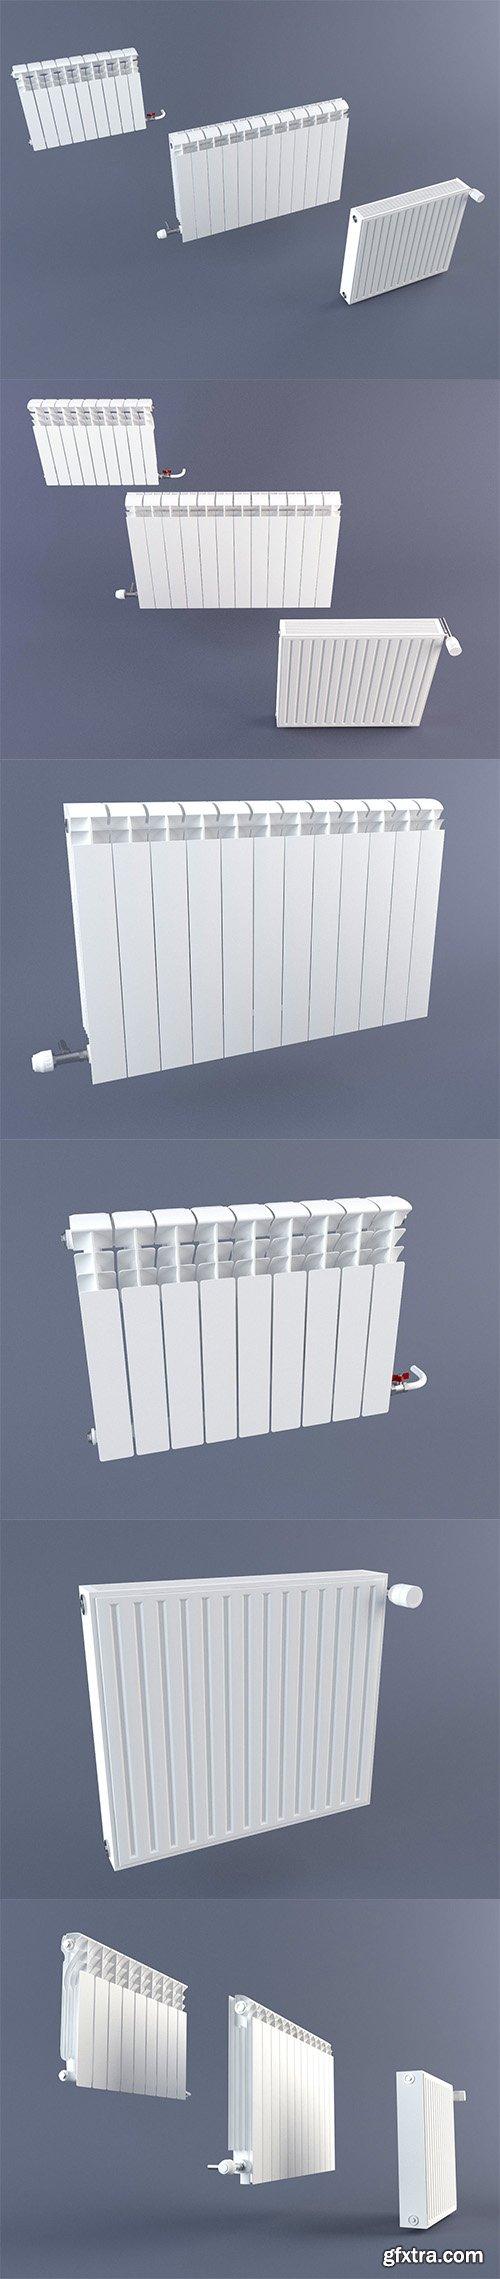 Cgtrader - Radiator Pack 3D model